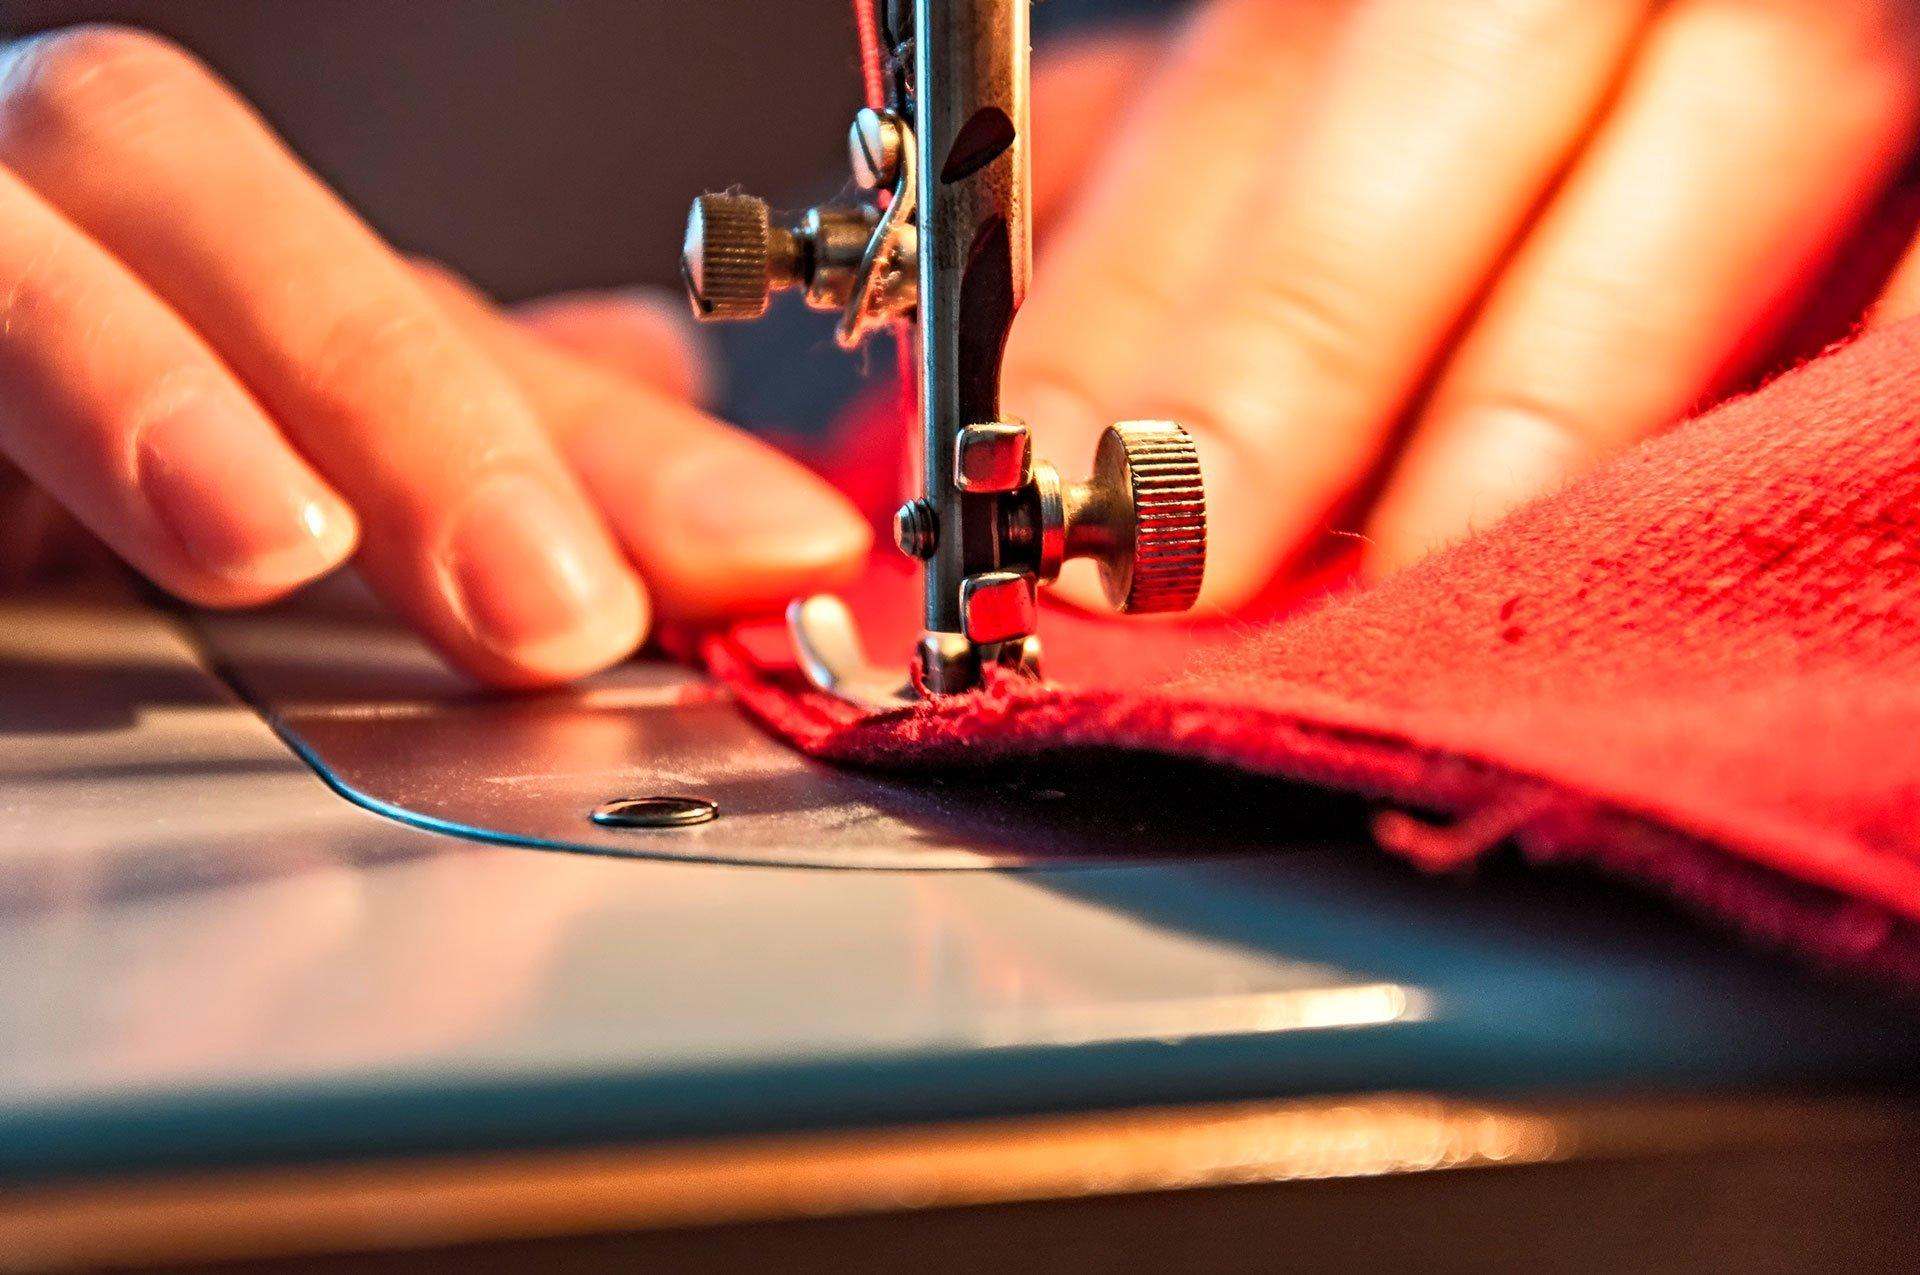 Quelle machine à coudre choisir pour des tissus épais ?